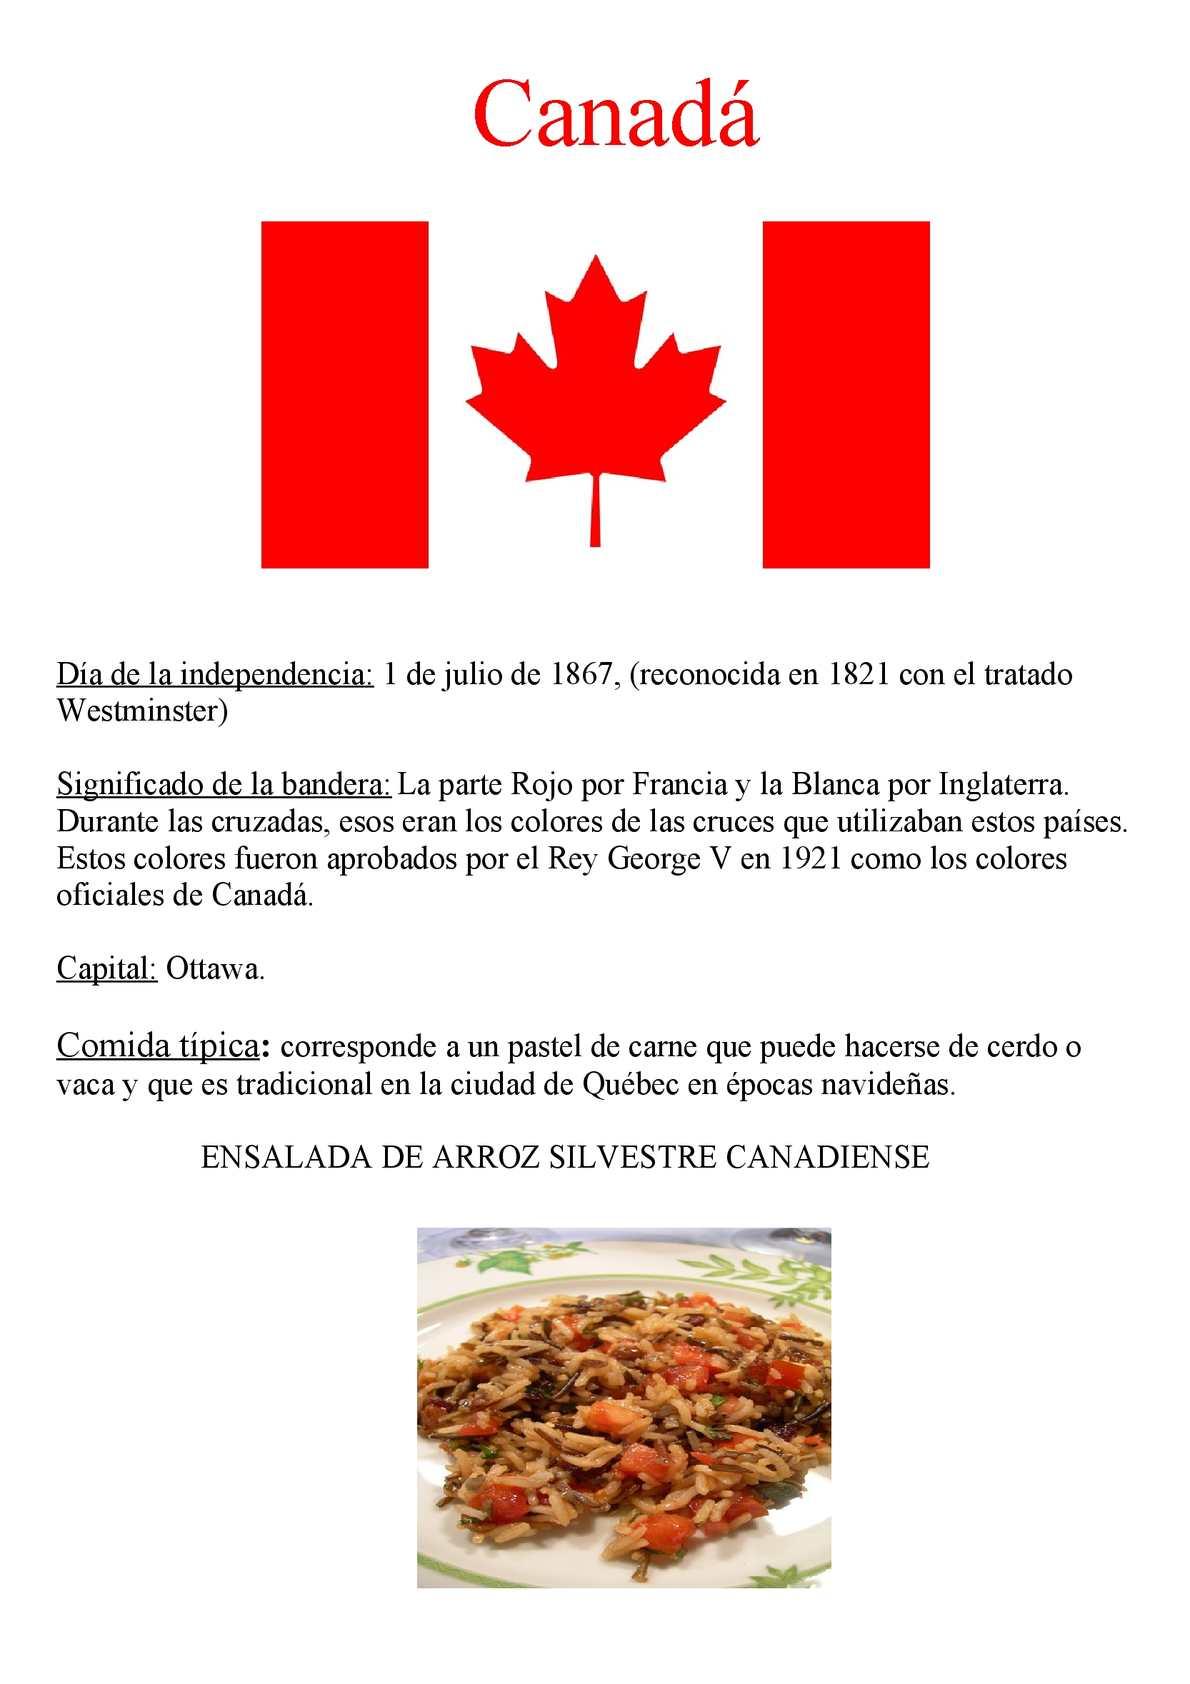 Calam O Canada Final Corregido